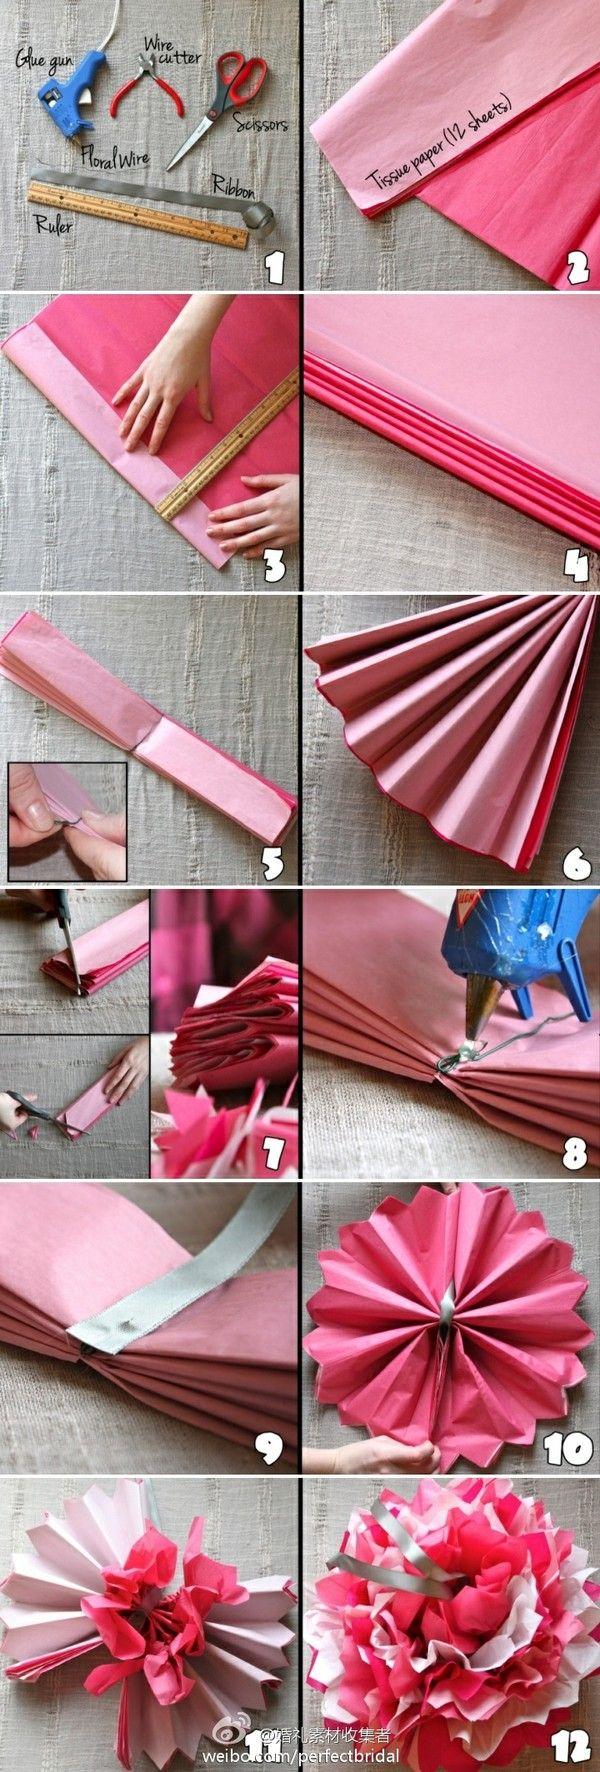 die besten 25 seidenpapier blumen ideen auf pinterest papier pompons taschentuch poms und. Black Bedroom Furniture Sets. Home Design Ideas